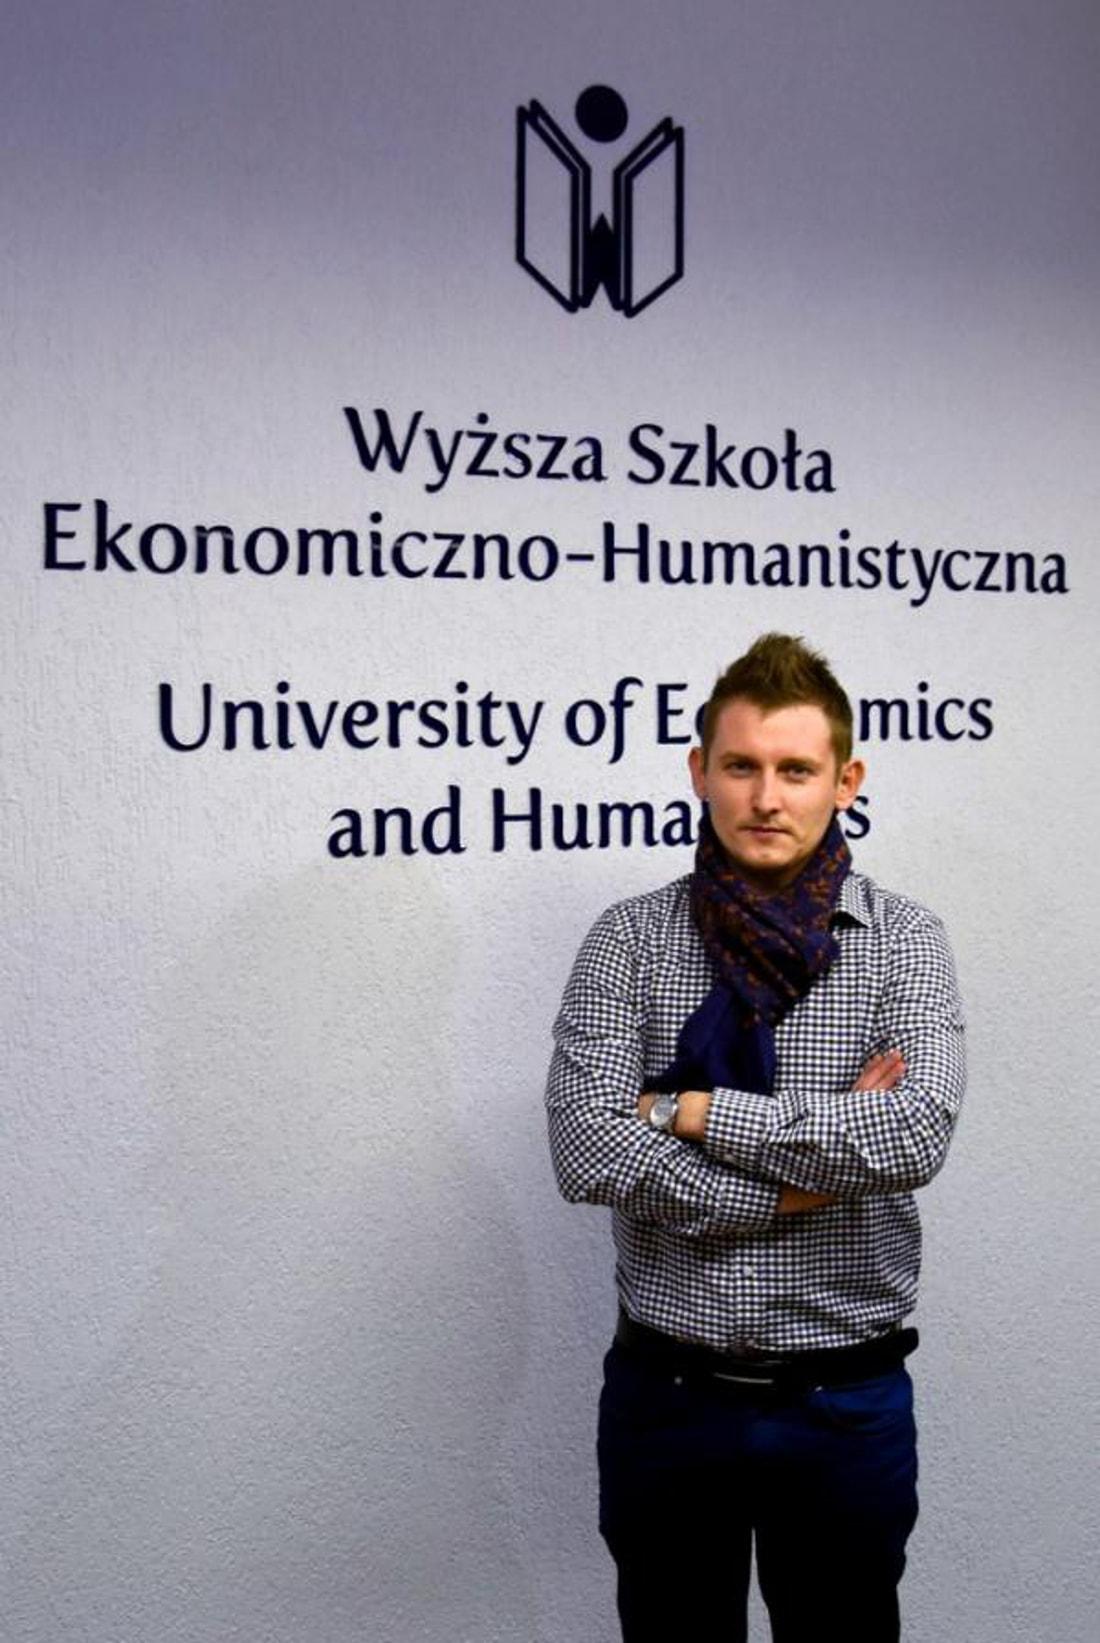 Mateusz Stwora to student Wyższej Szkoły Ekonomiczno-Humanistycznej w Bielsku-Białej.